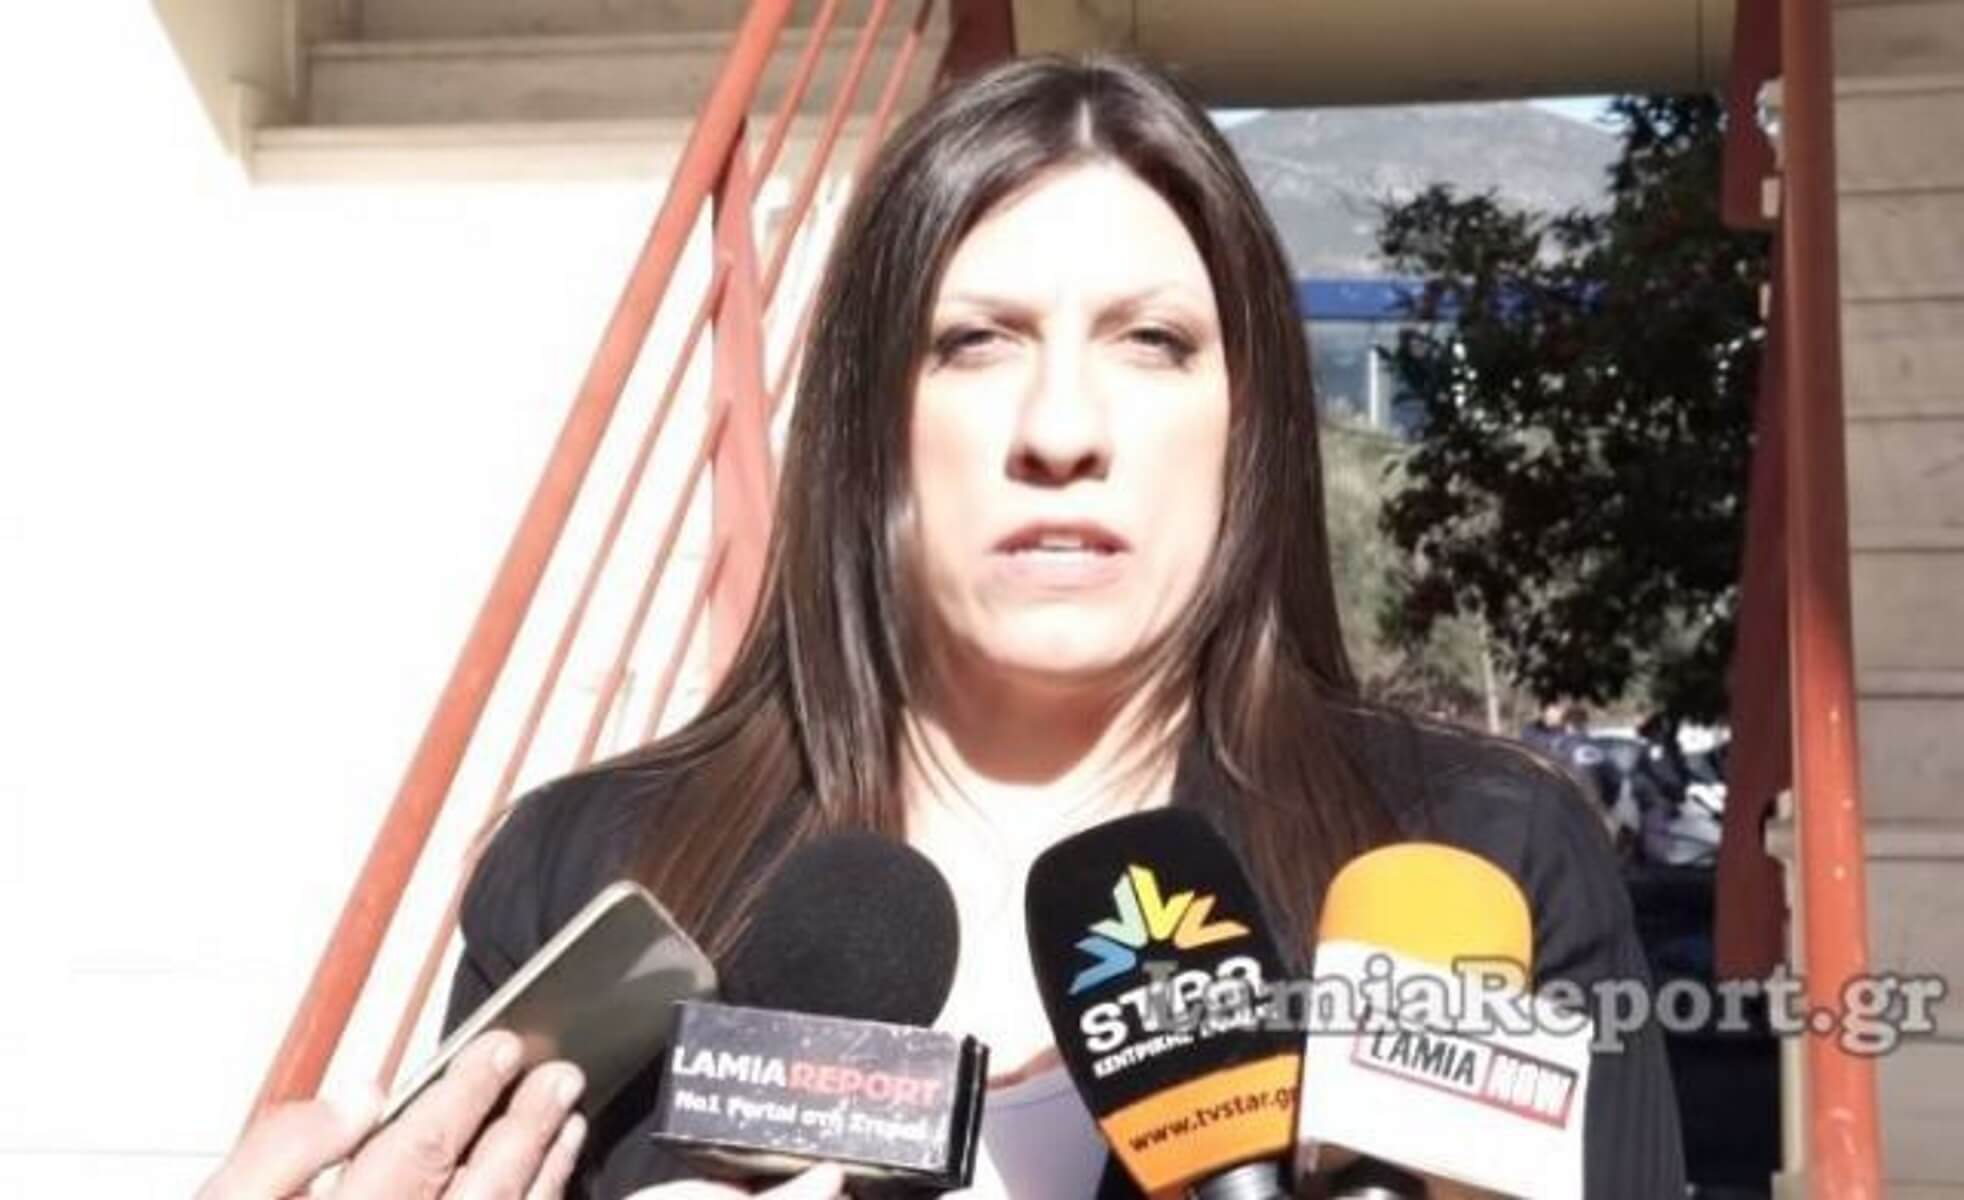 Δολοφονία Γρηγορόπουλου: Ένταση και καταγγελίες από την Ζωή Κωνσταντοπούλου